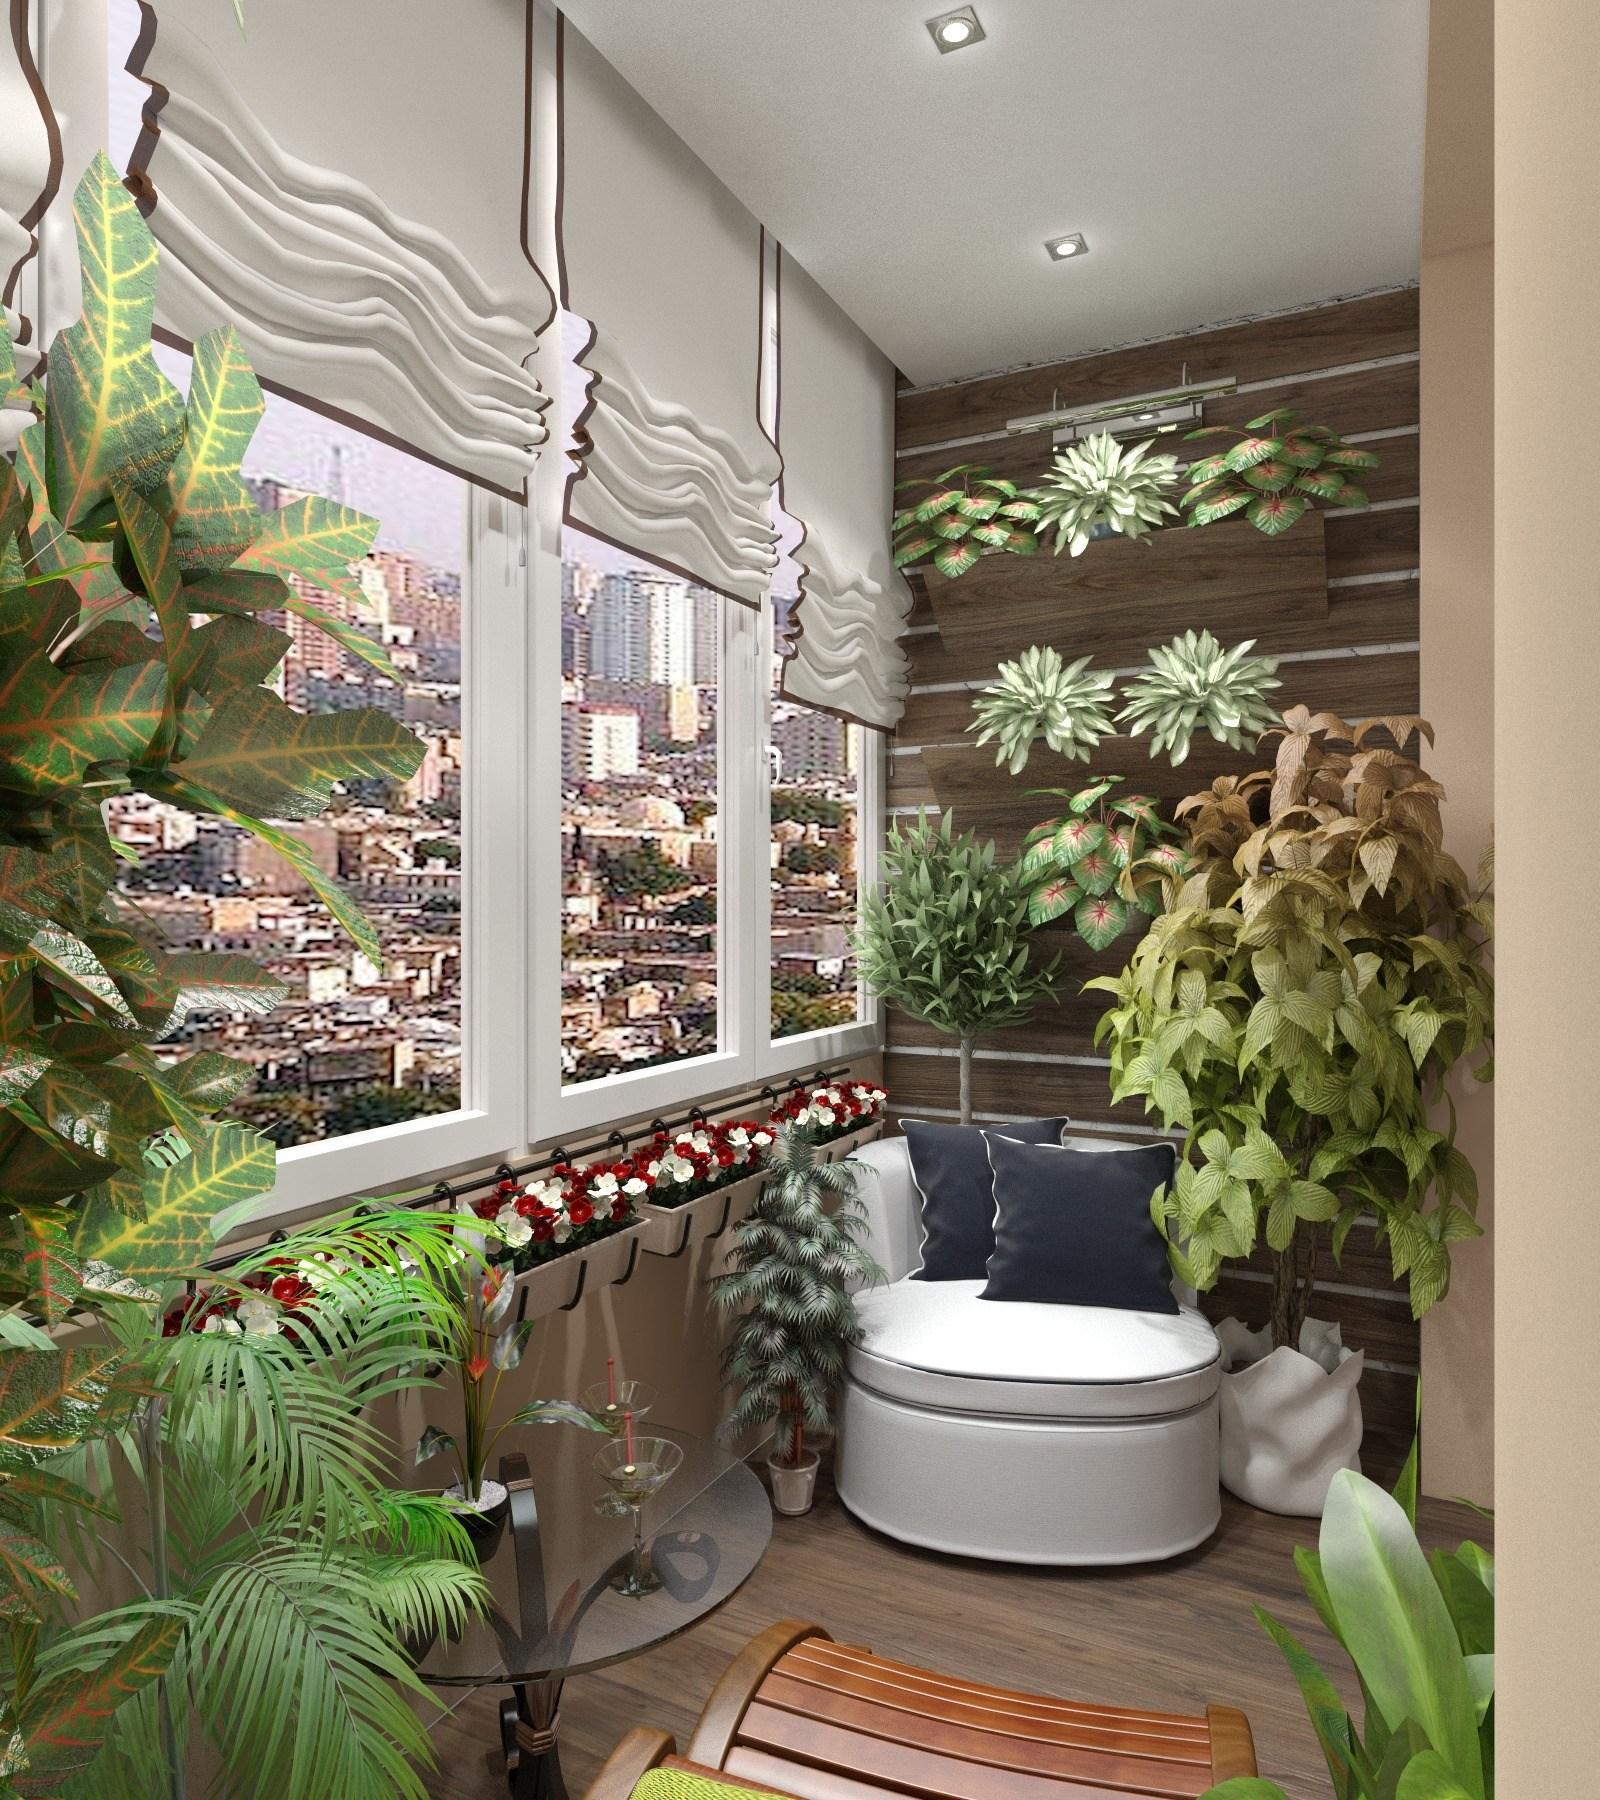 метод нанесения цветы на балконе дизайн фото нашем магазине сможете